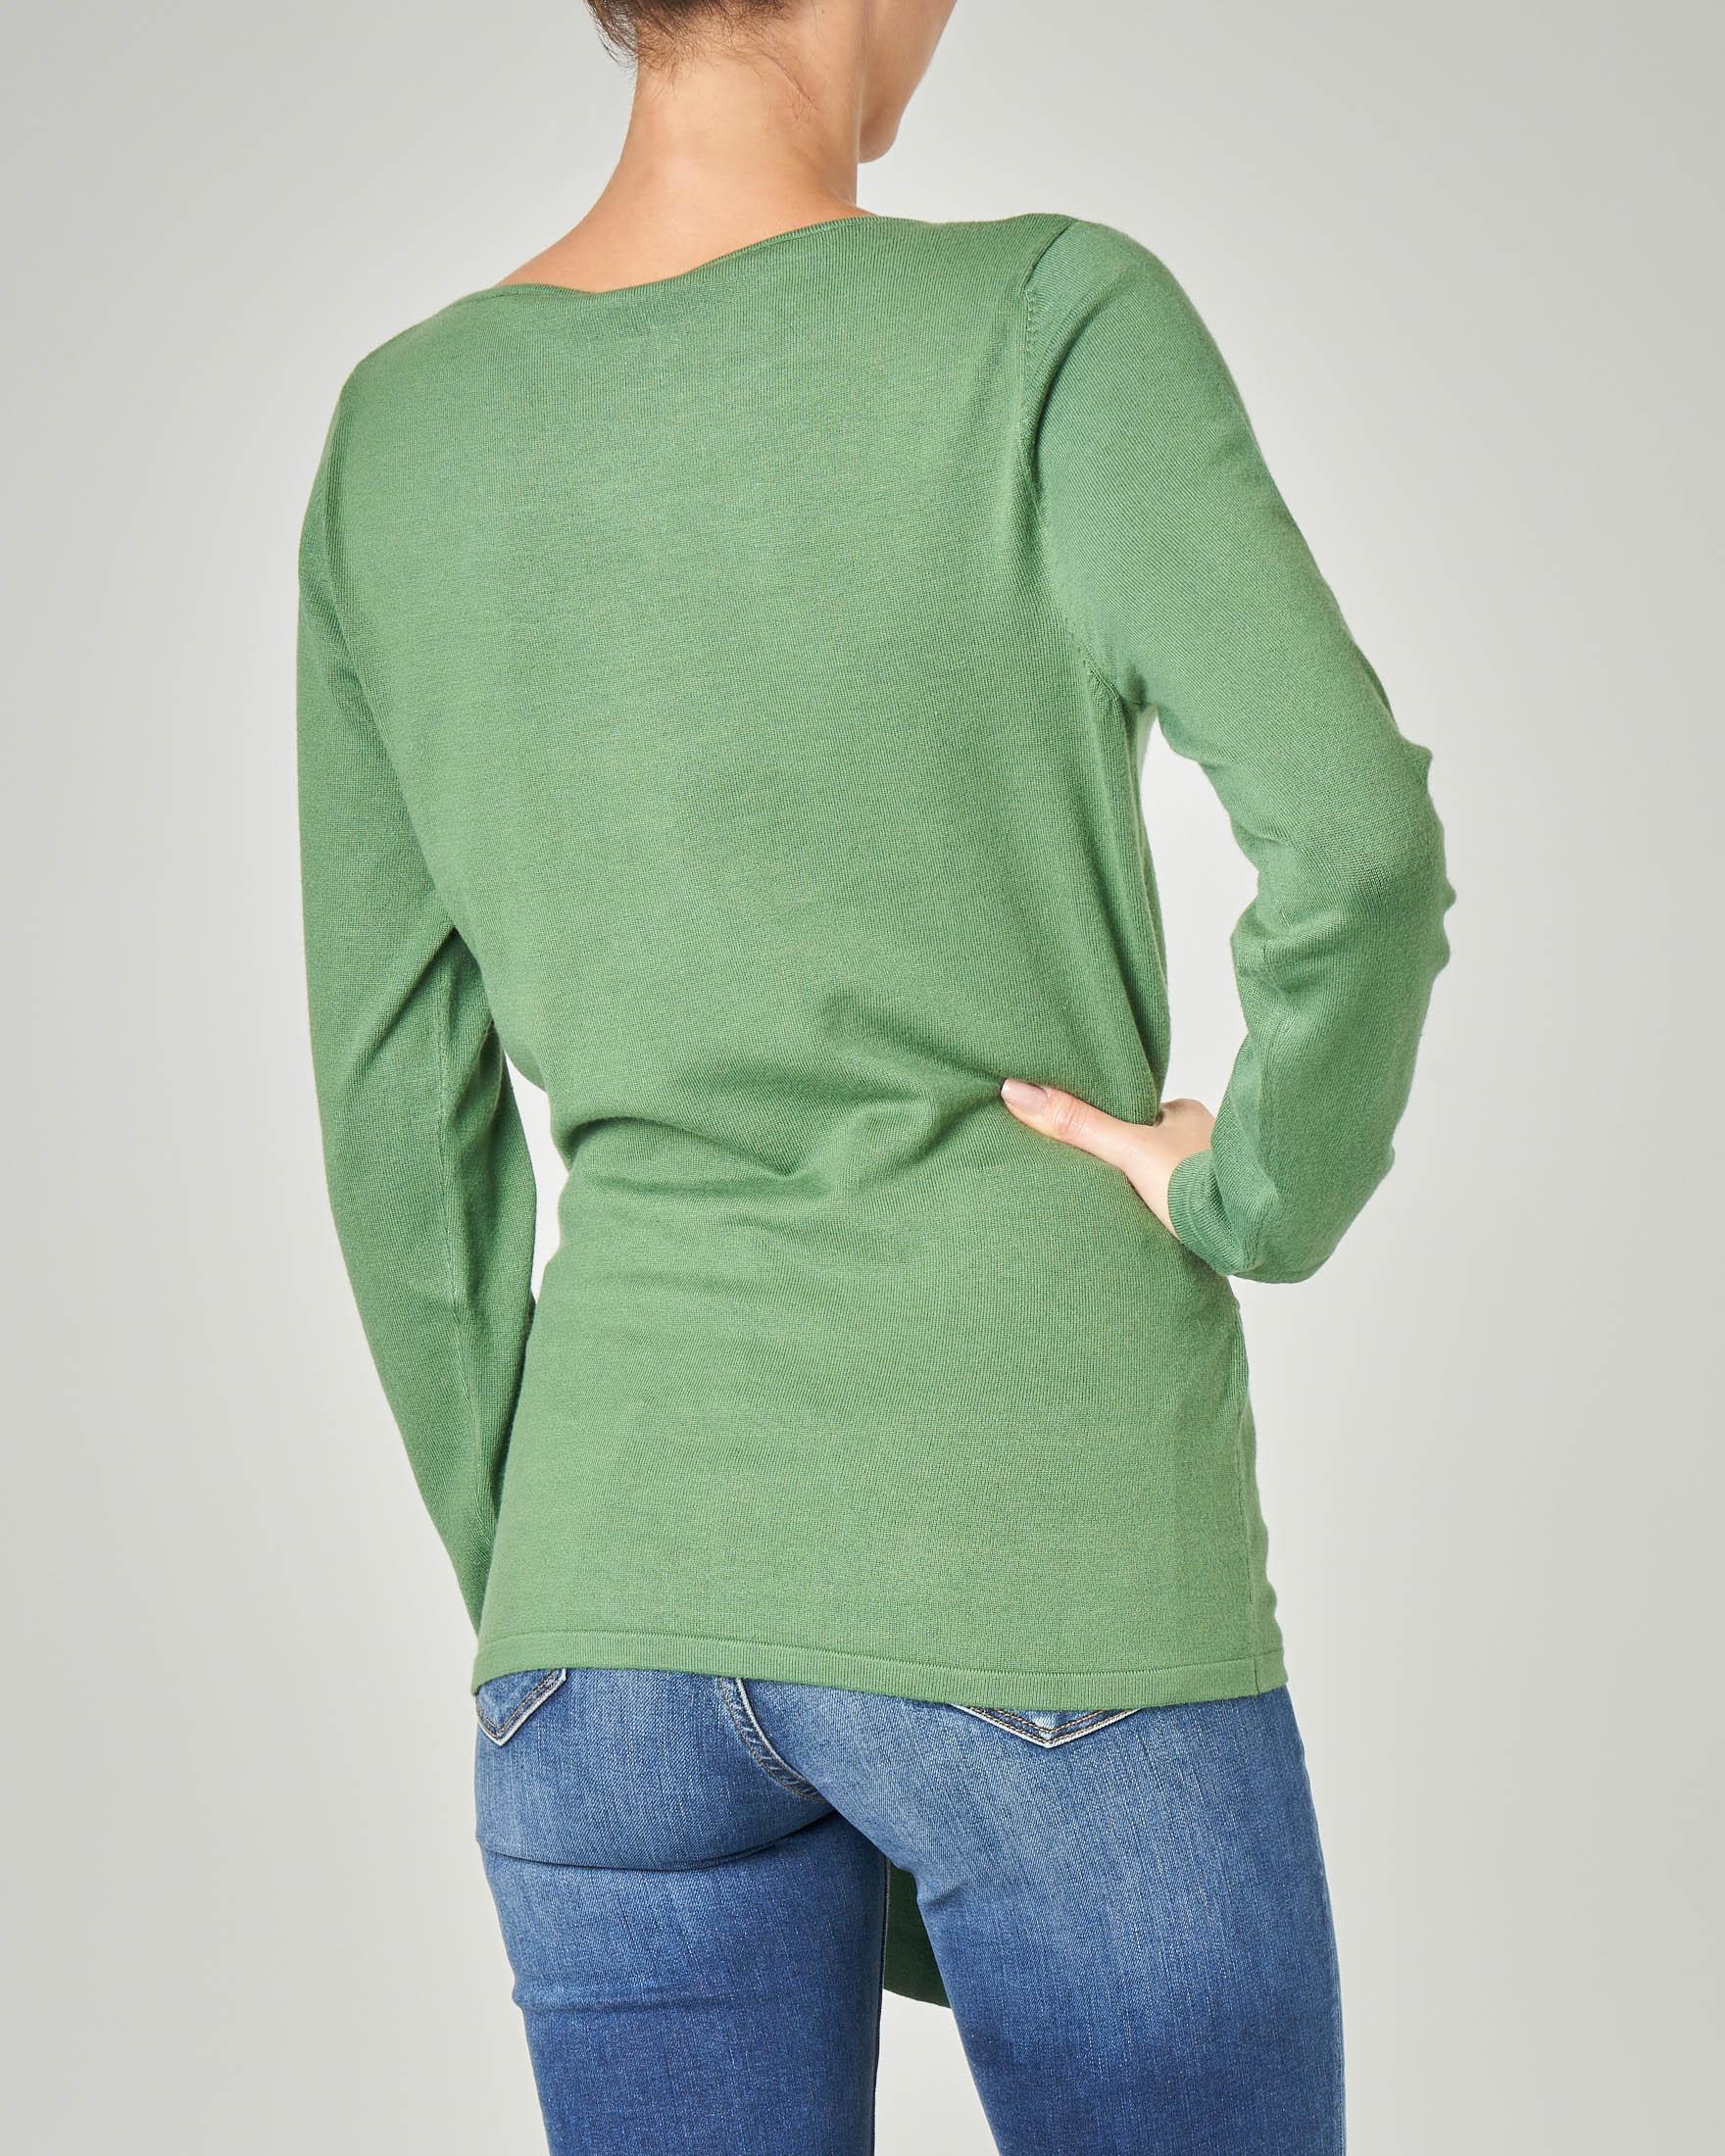 Maglia colore verde brillante in viscosa con cintura in vita abbinata